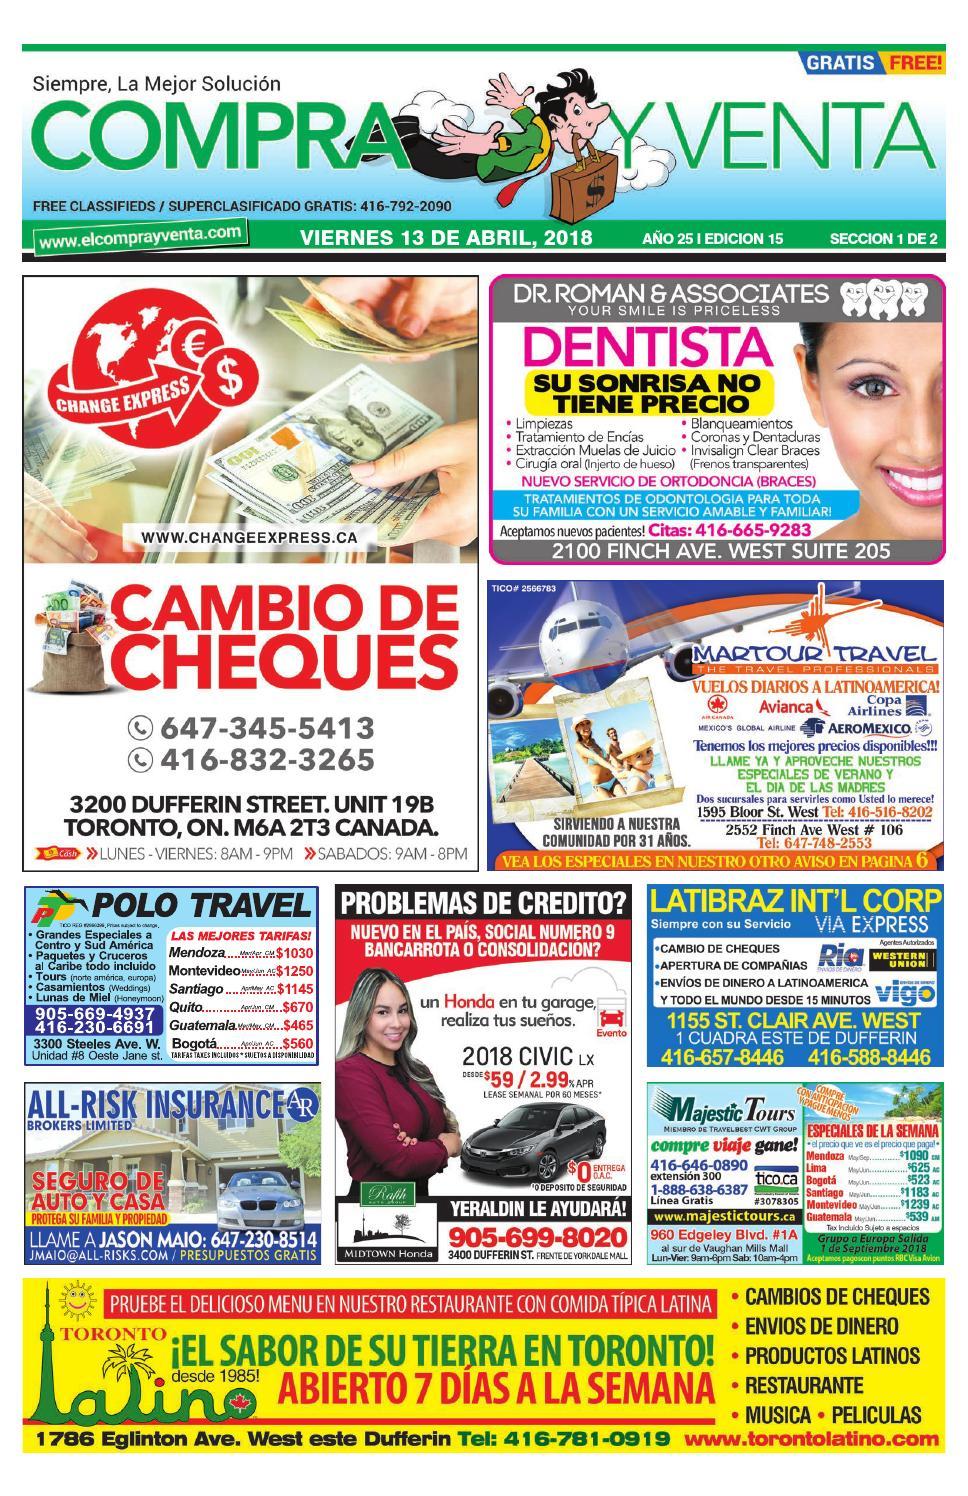 Compra y Venta Edicion #15. 2018 by elcomprayventa - issuu